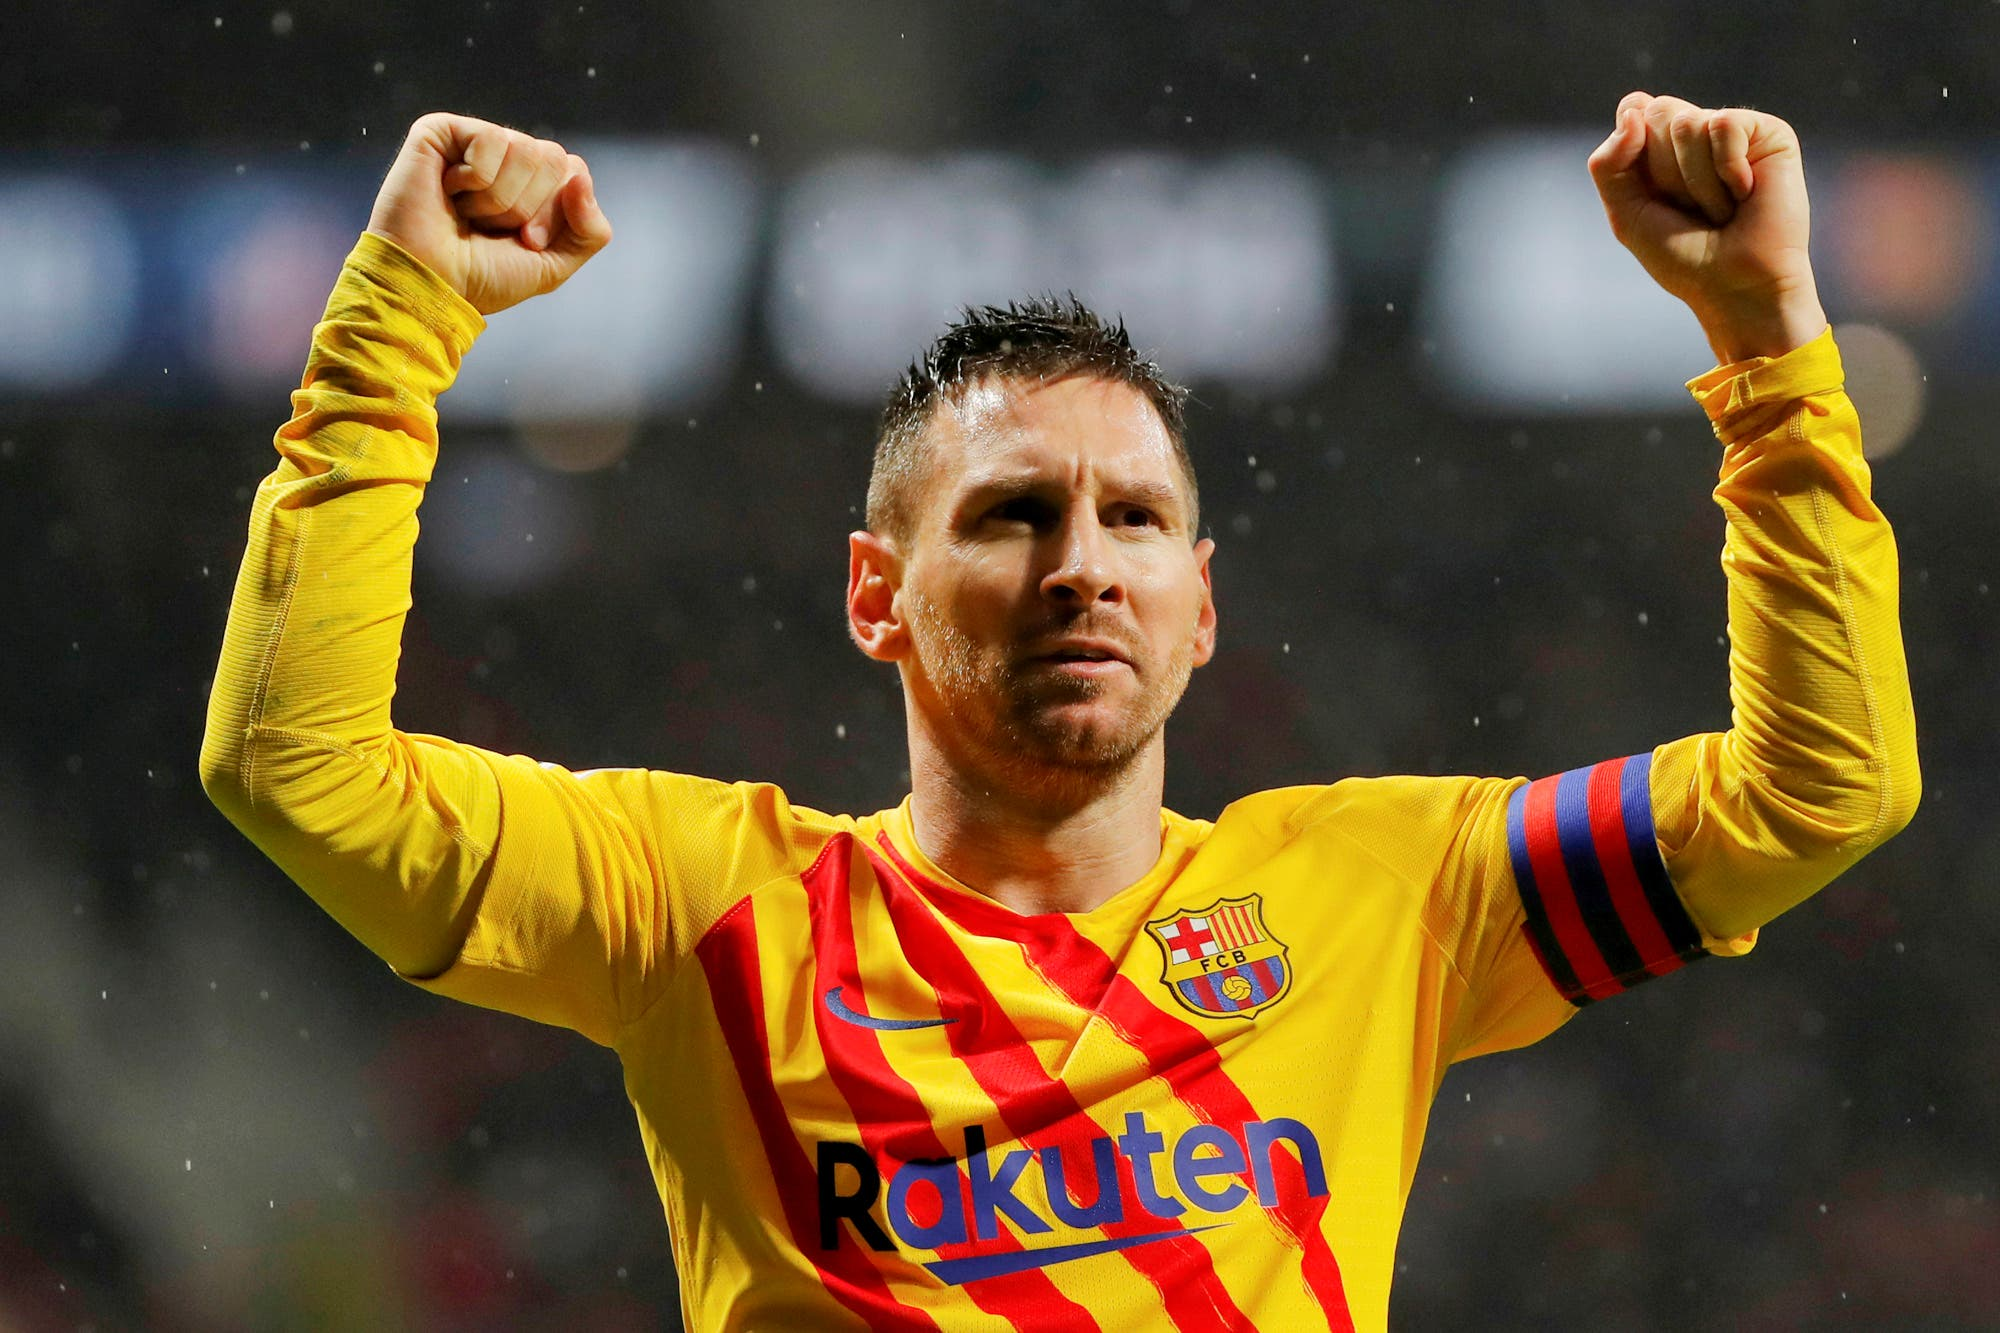 La agenda de TV: Messi estrena su sexto Balón de Oro, el clásico de Manchester, Racing en la Superliga y el Abierto de Palermo